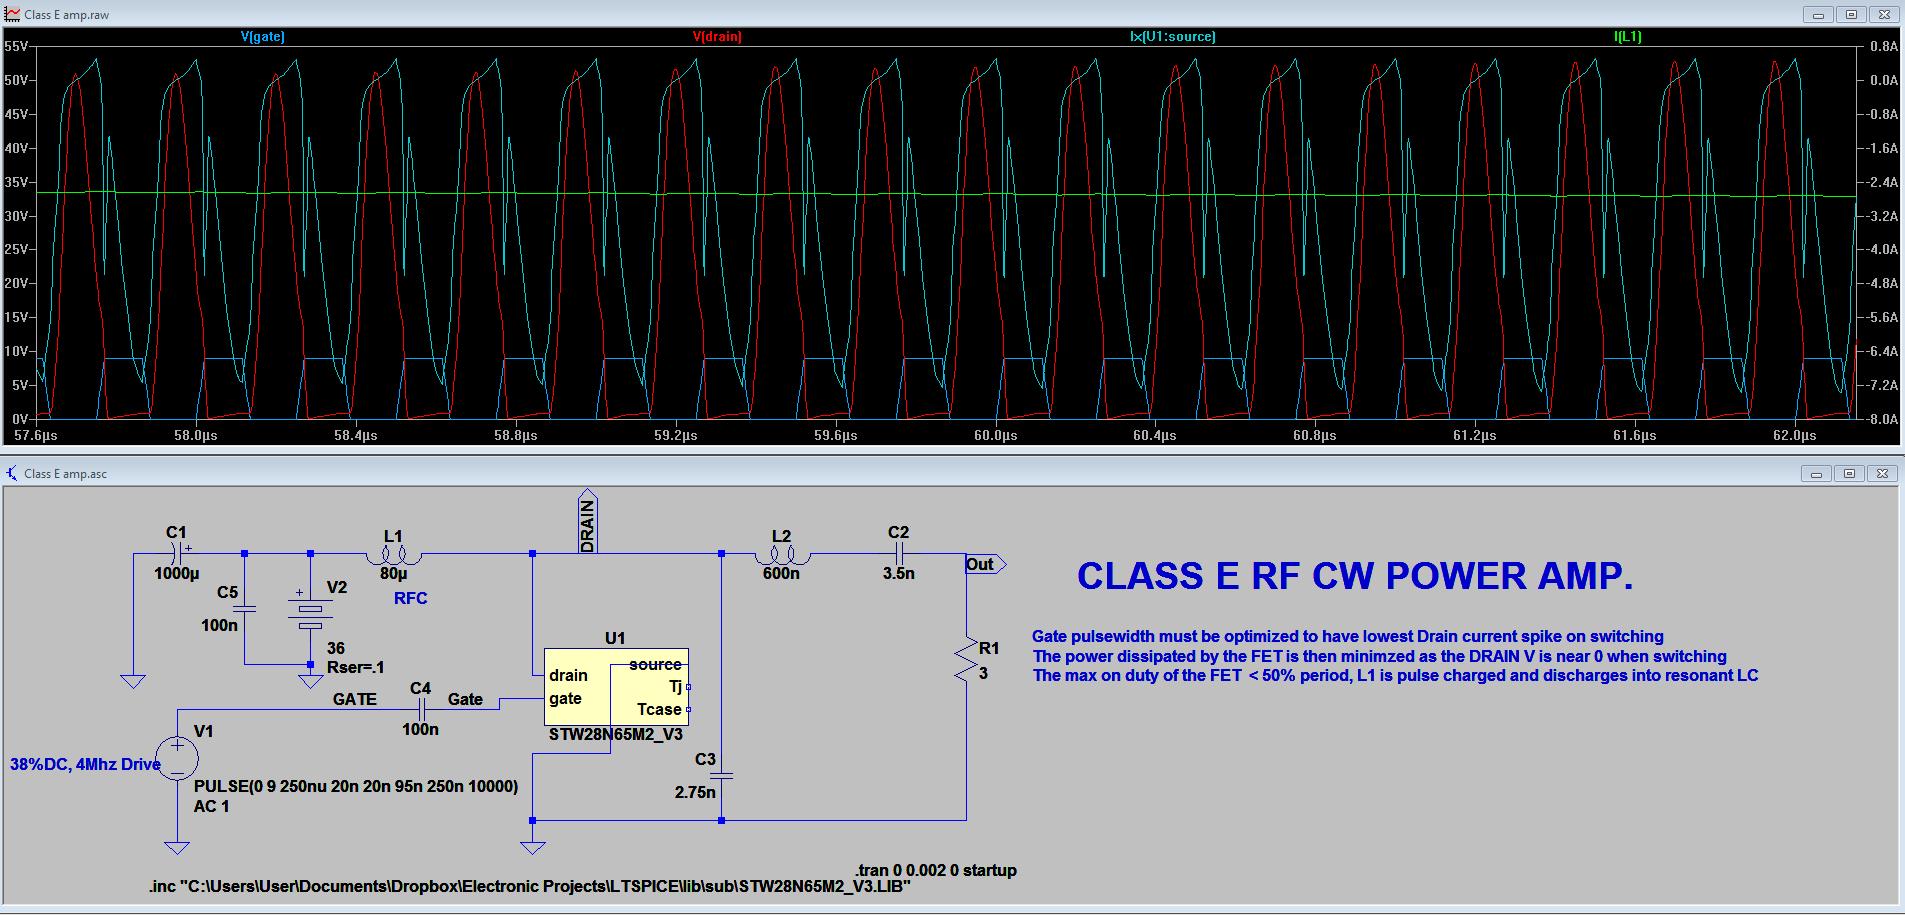 class E amp-miller.png